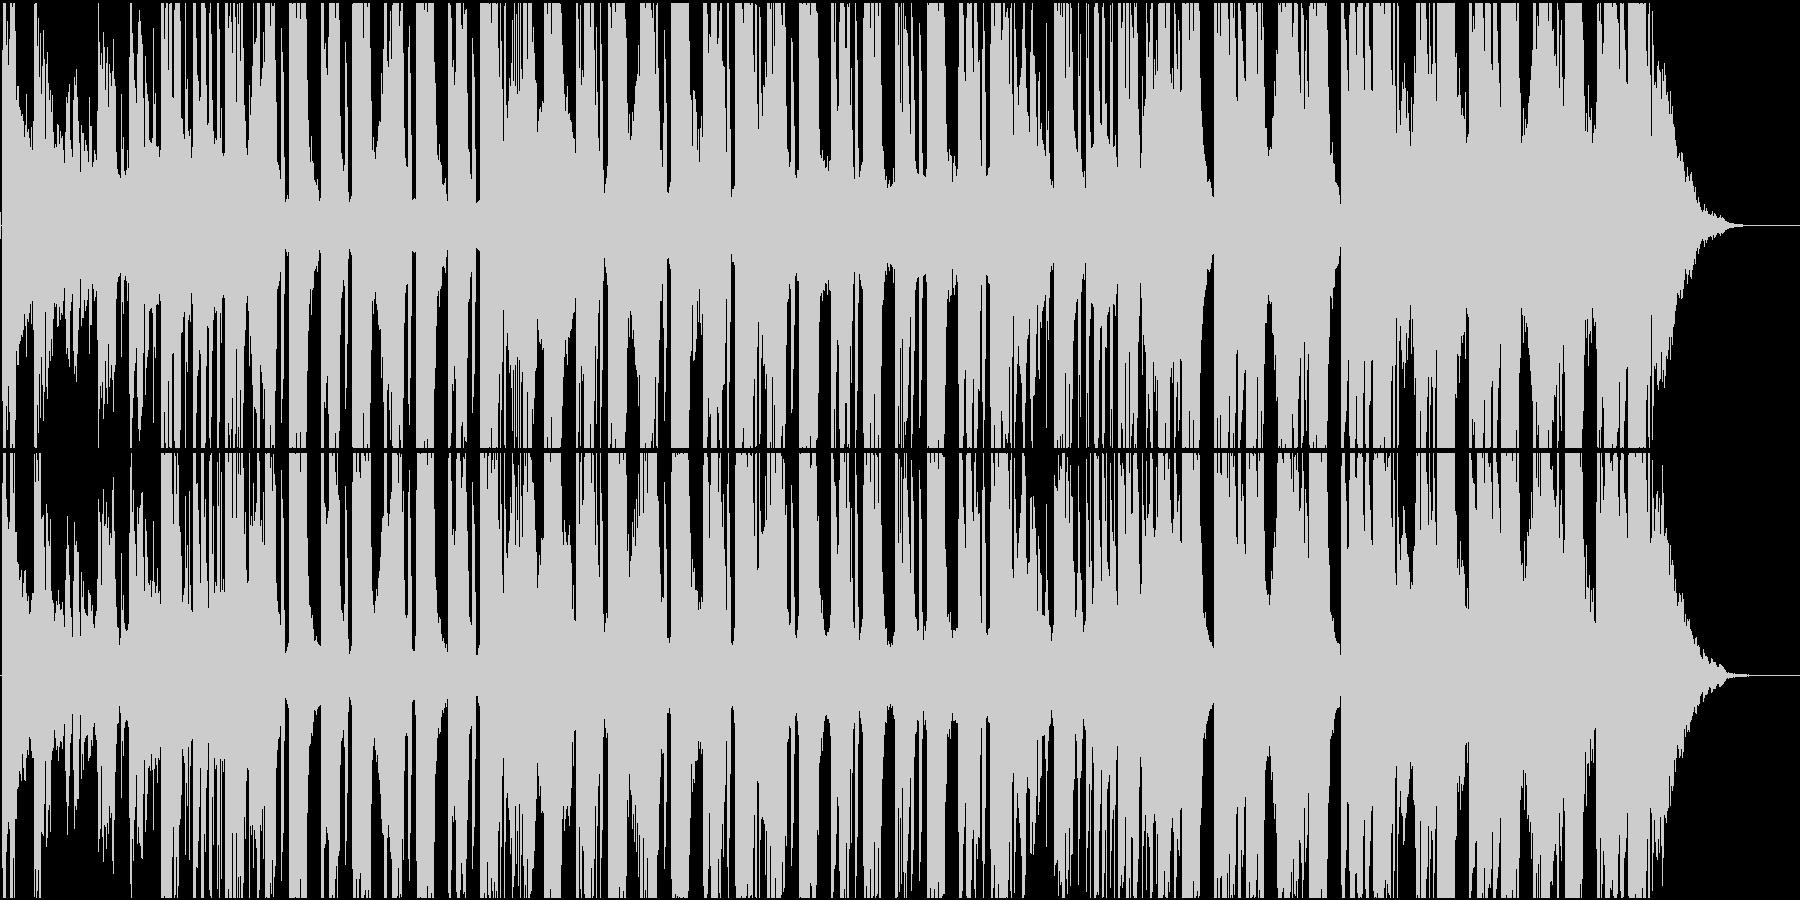 アップリフィティングなフューチャーベースの未再生の波形